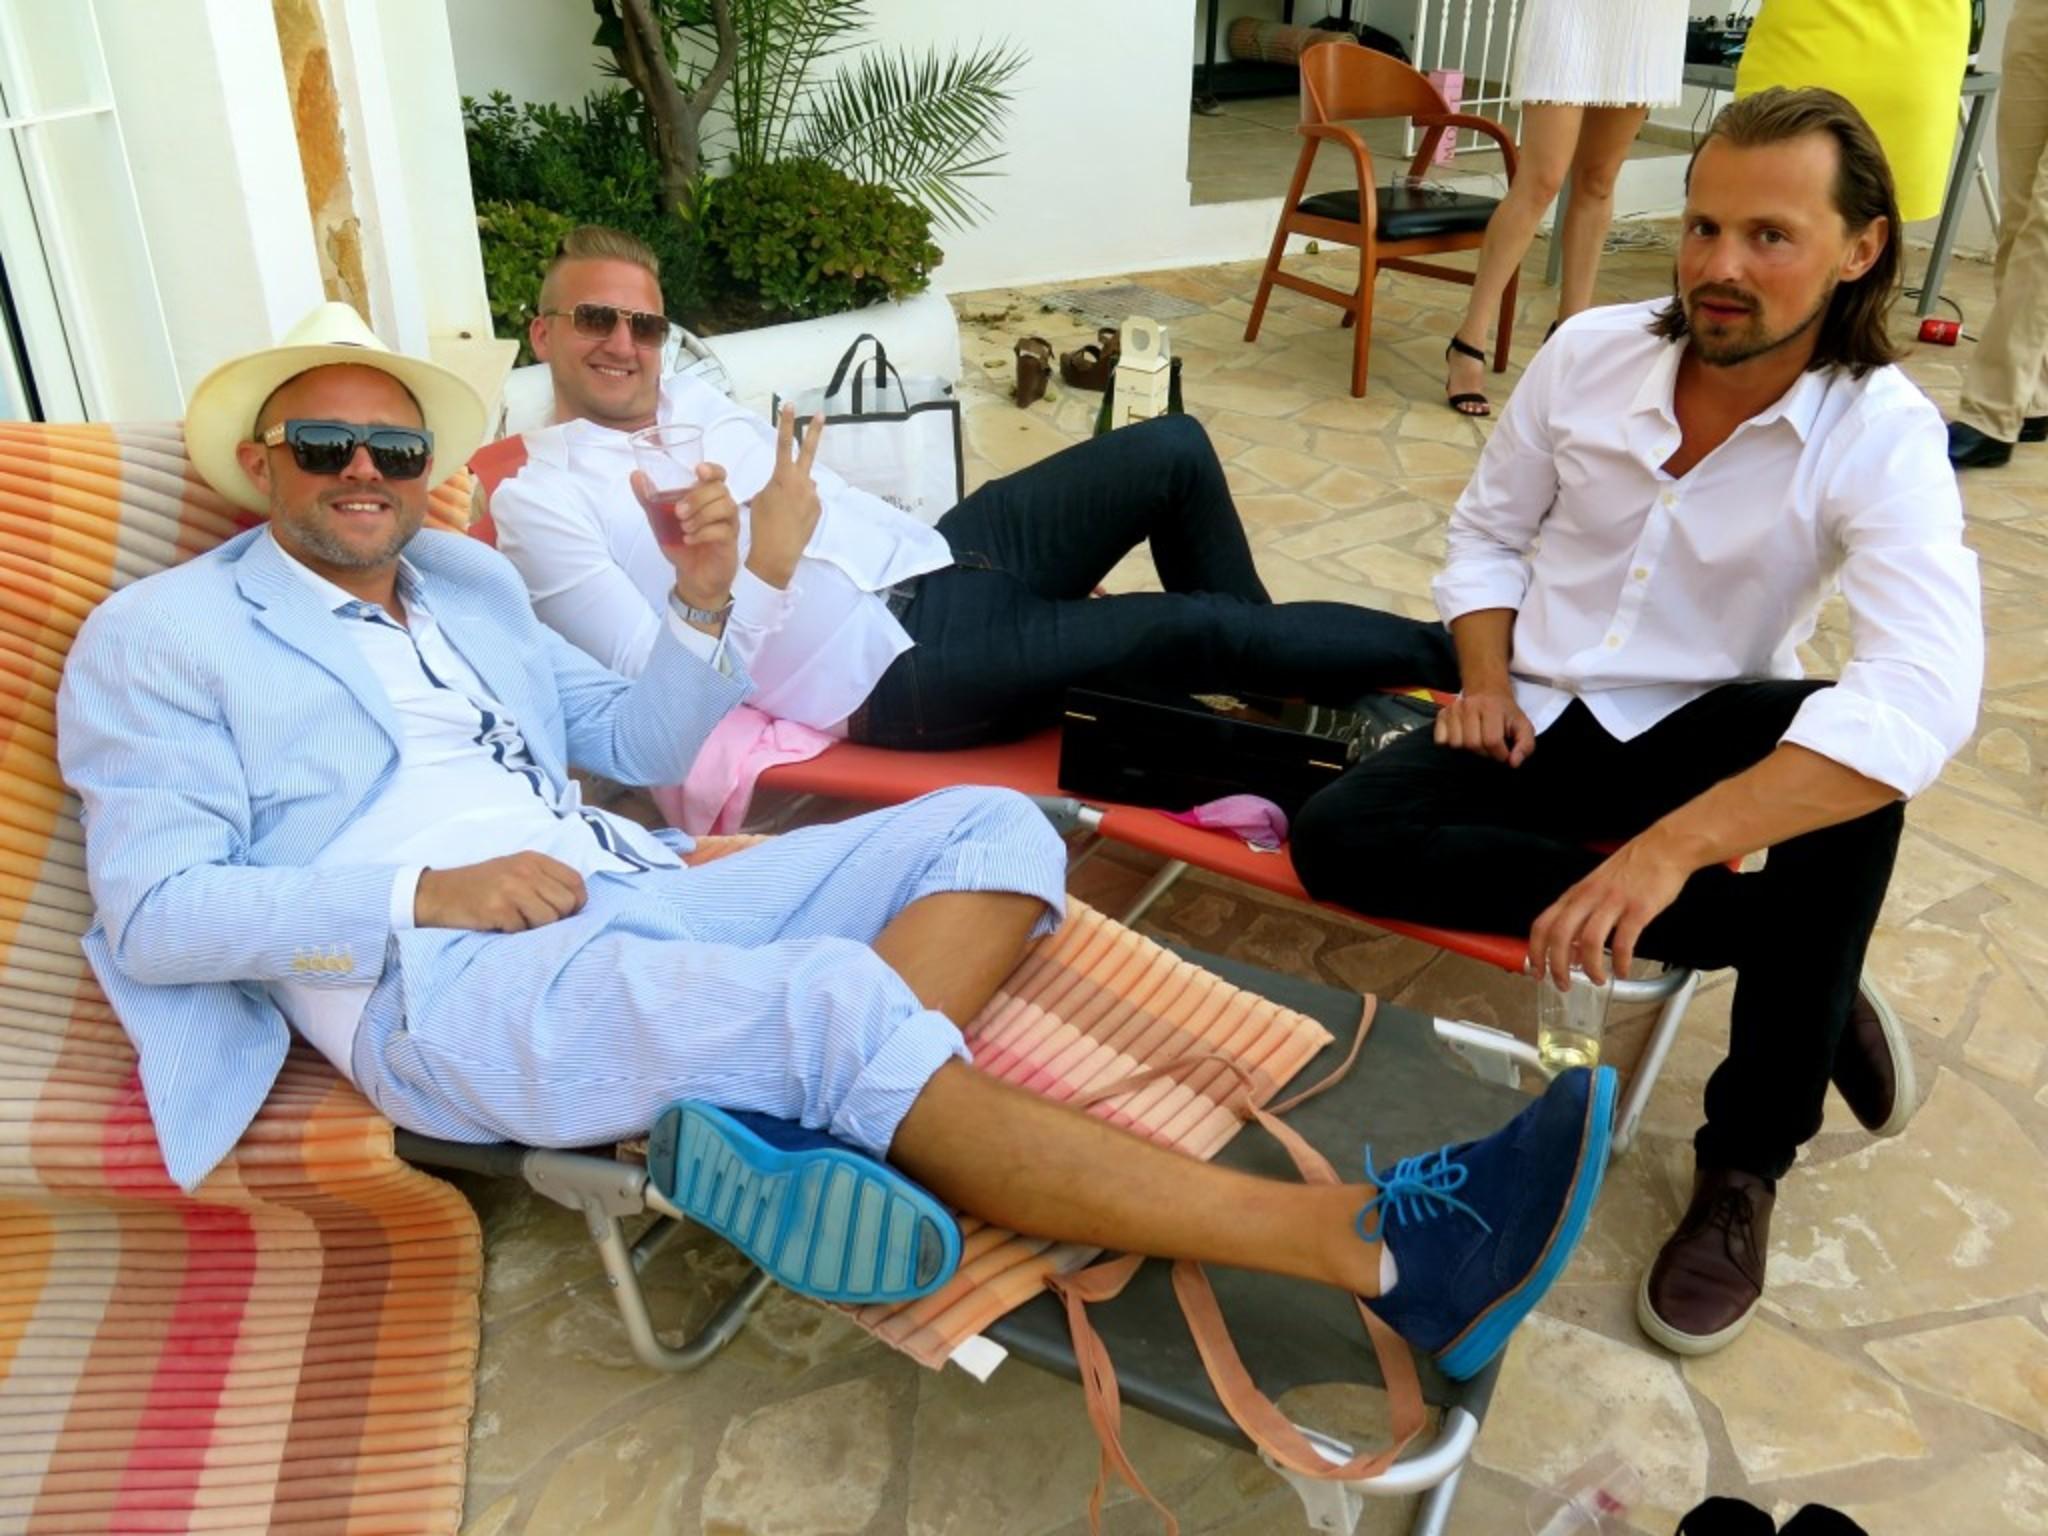 Patski, Niclas & Fredrik :)